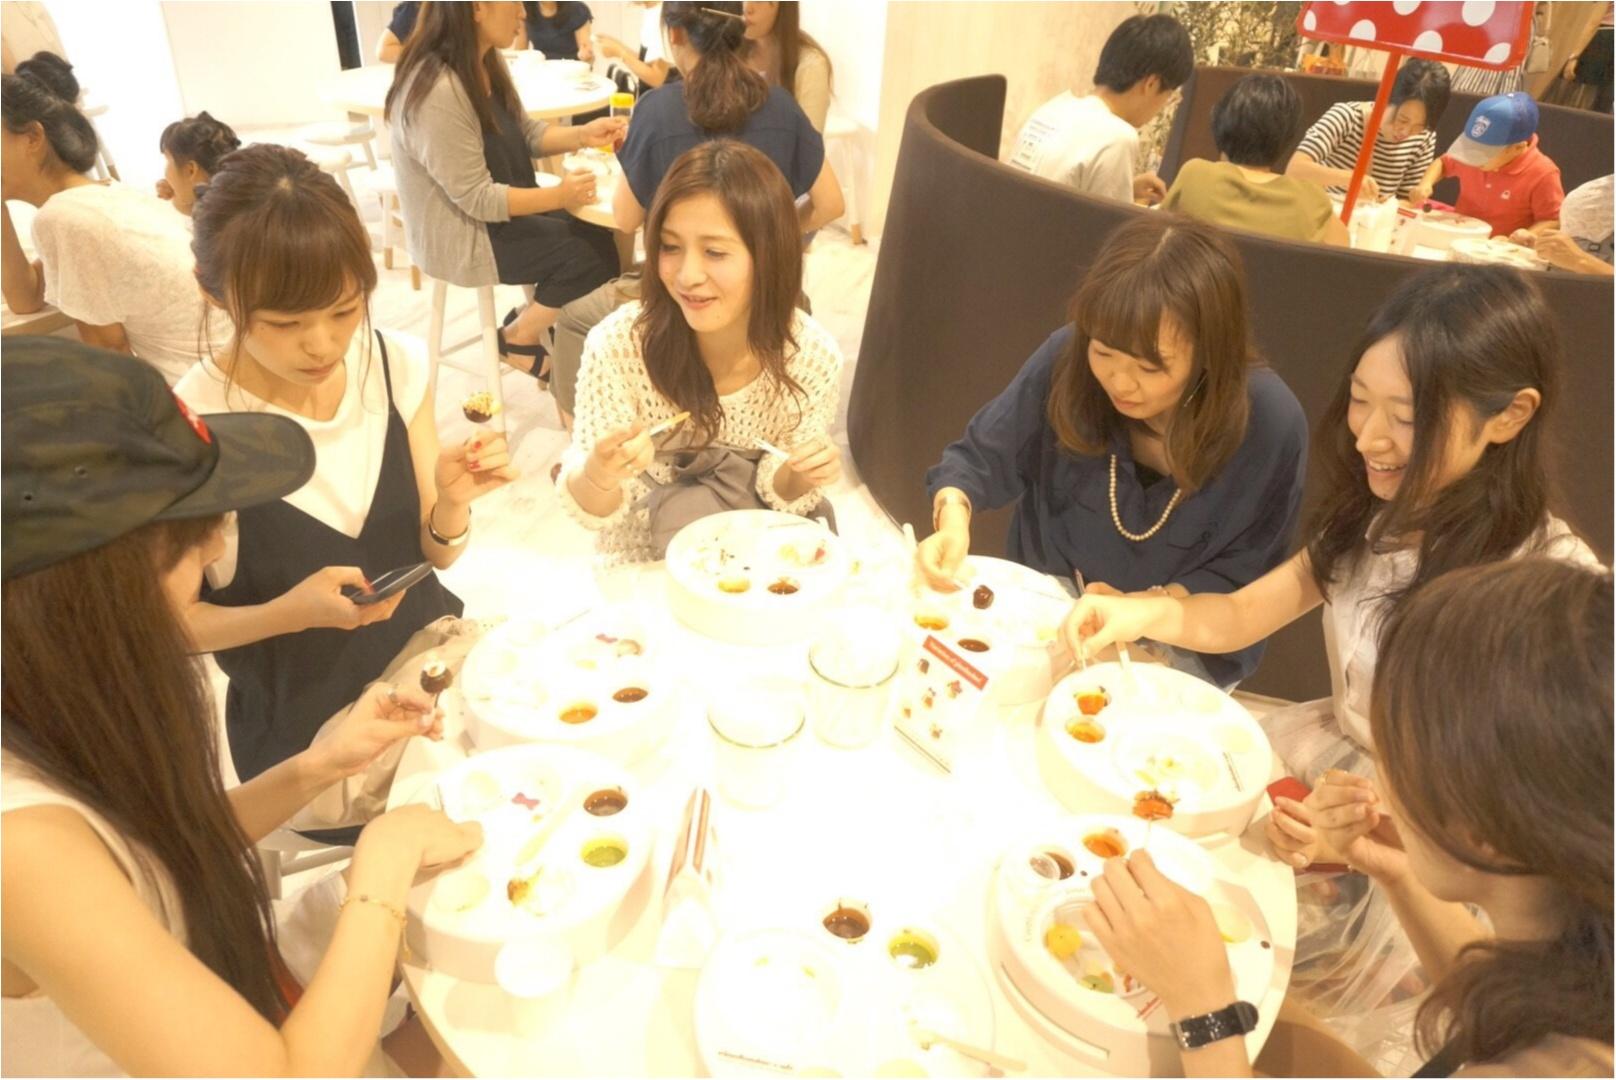 アイスの『pino』がつくった【ピノフォンデュカフェ】今年も東急プラザ表参道原宿3Fにオープン!大阪も今週末オープン✨≪samenyan≫_13